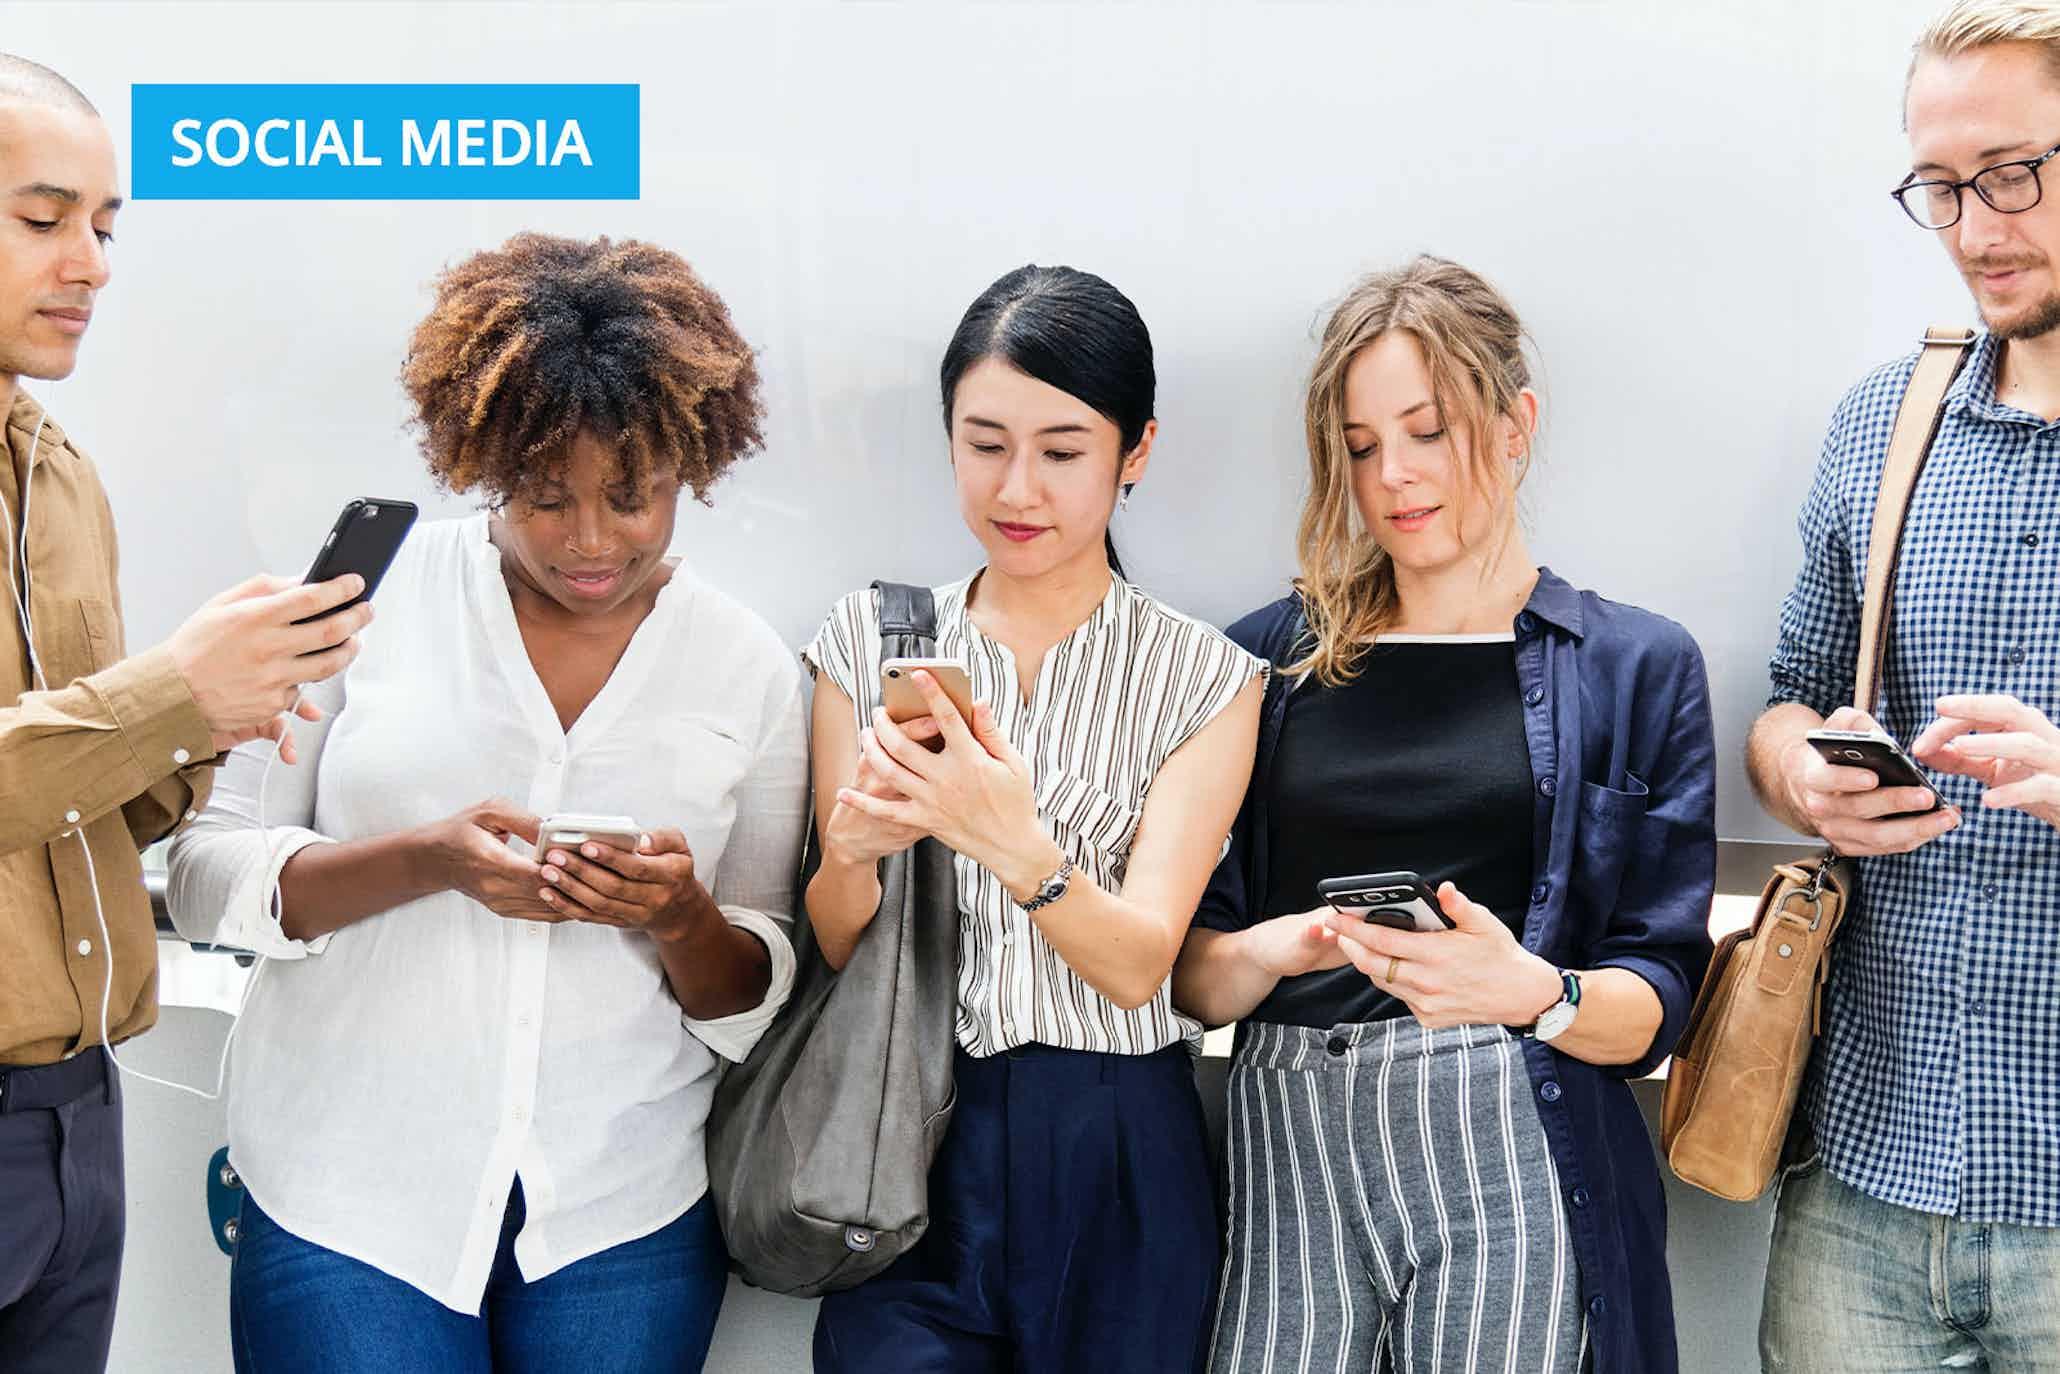 رسانه های اجتماعی: از چه کشورهایی بیشتر استفاده می کنند و از چه چیزی استفاده می کنند؟